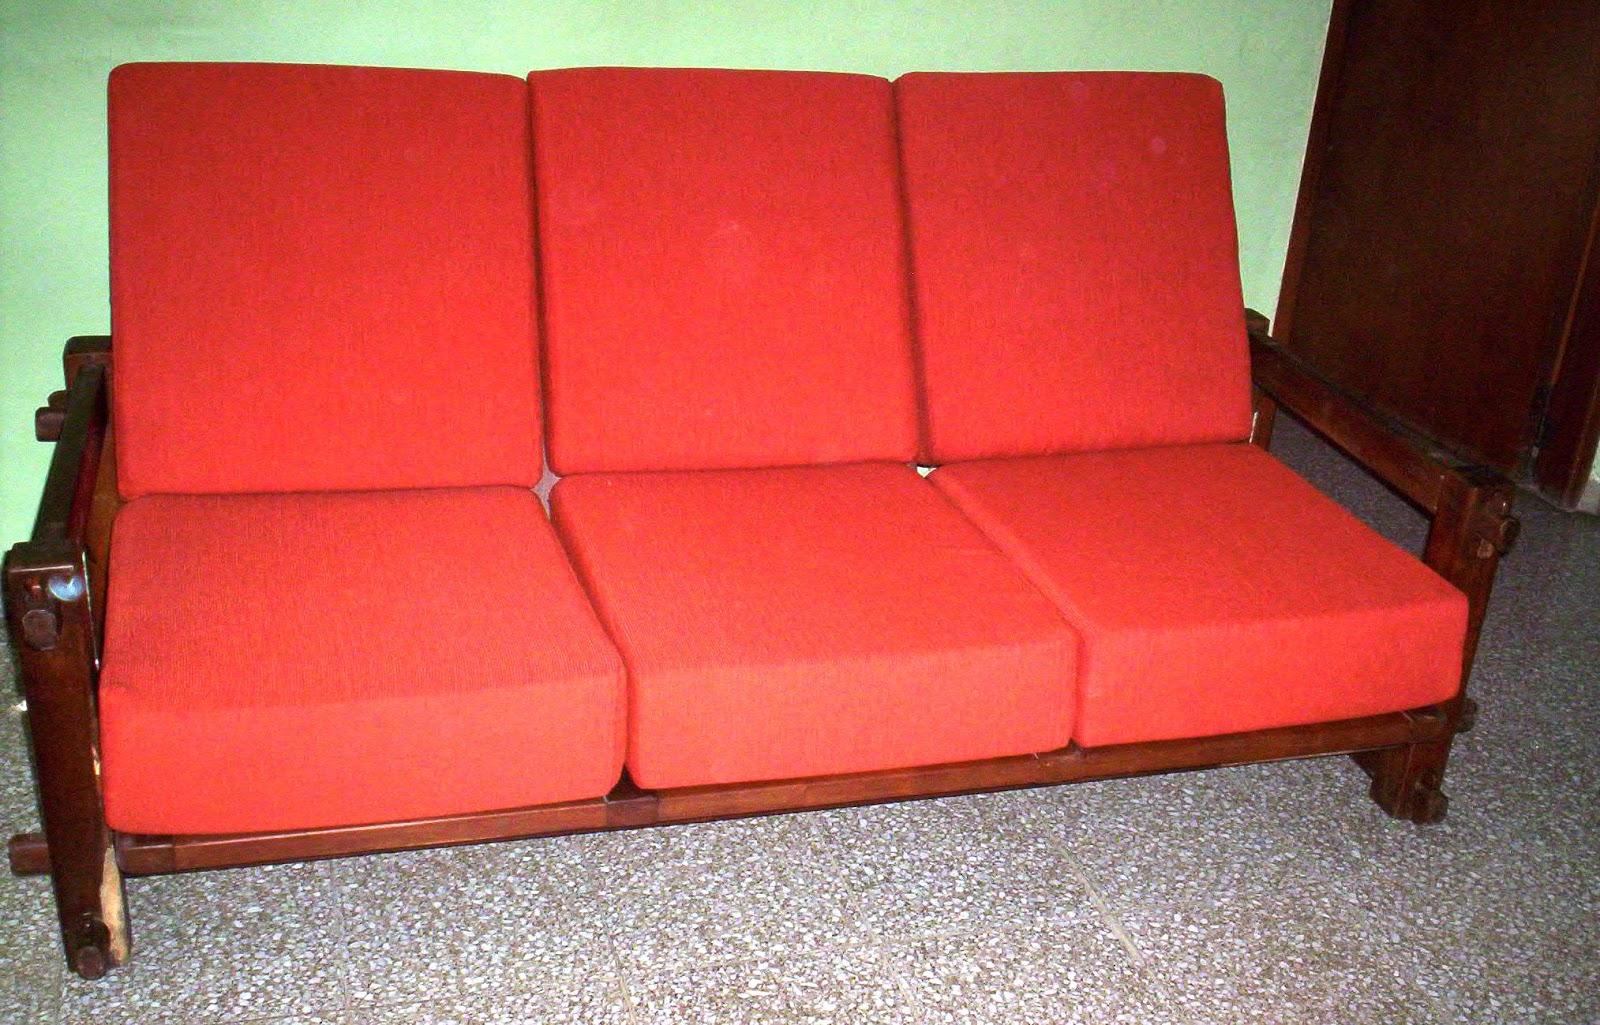 Reciclado de sillas y sillones diez almohadones for Reciclado de sillones